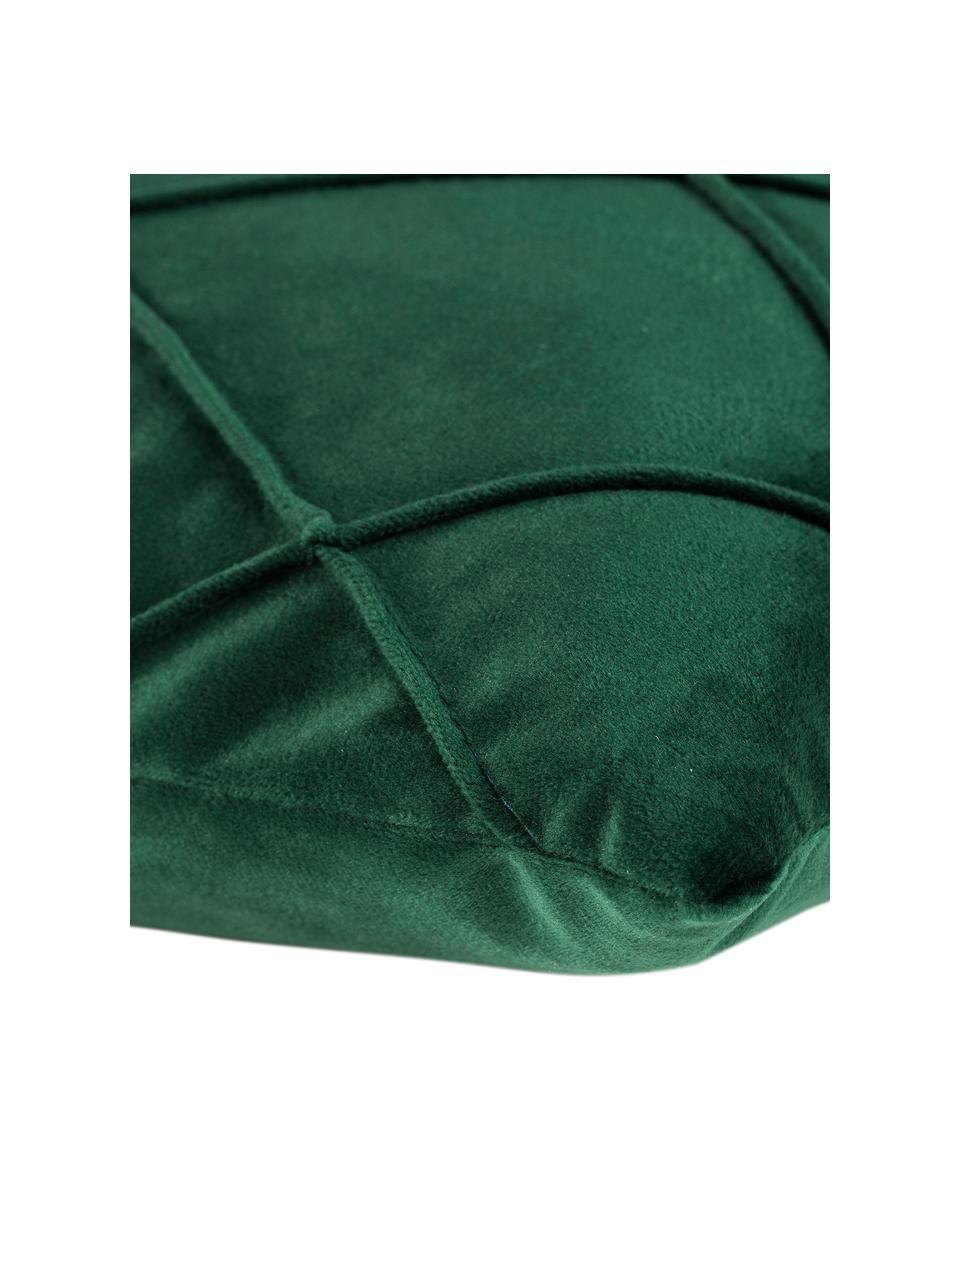 Fluwelen kussenhoes Nobless in groen met verhoogd ruitjesmotief, 100% polyester fluweel, Groen, 40 x 40 cm